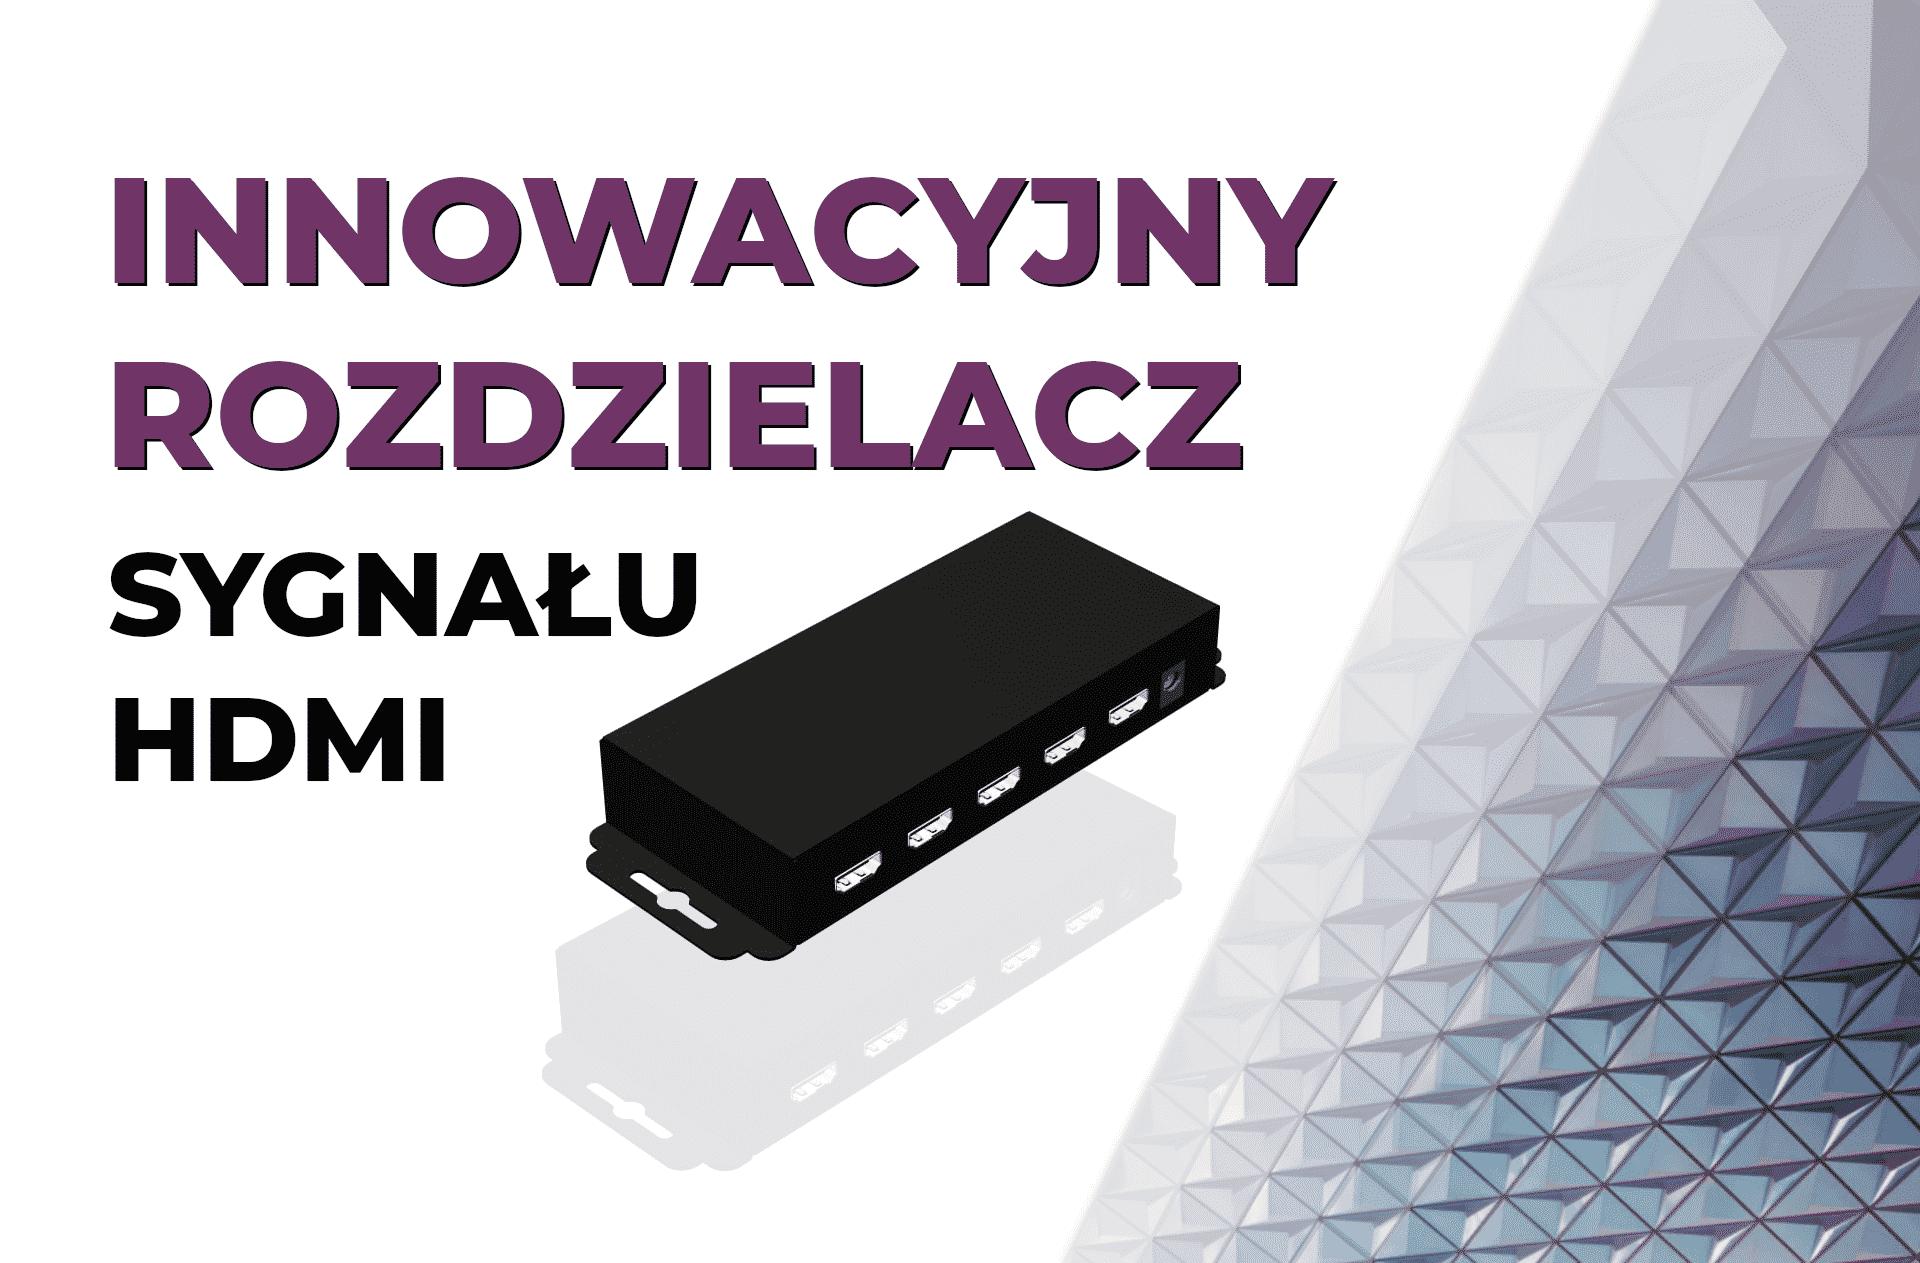 Innowacyjny rozdzielacz sygnału HDMI